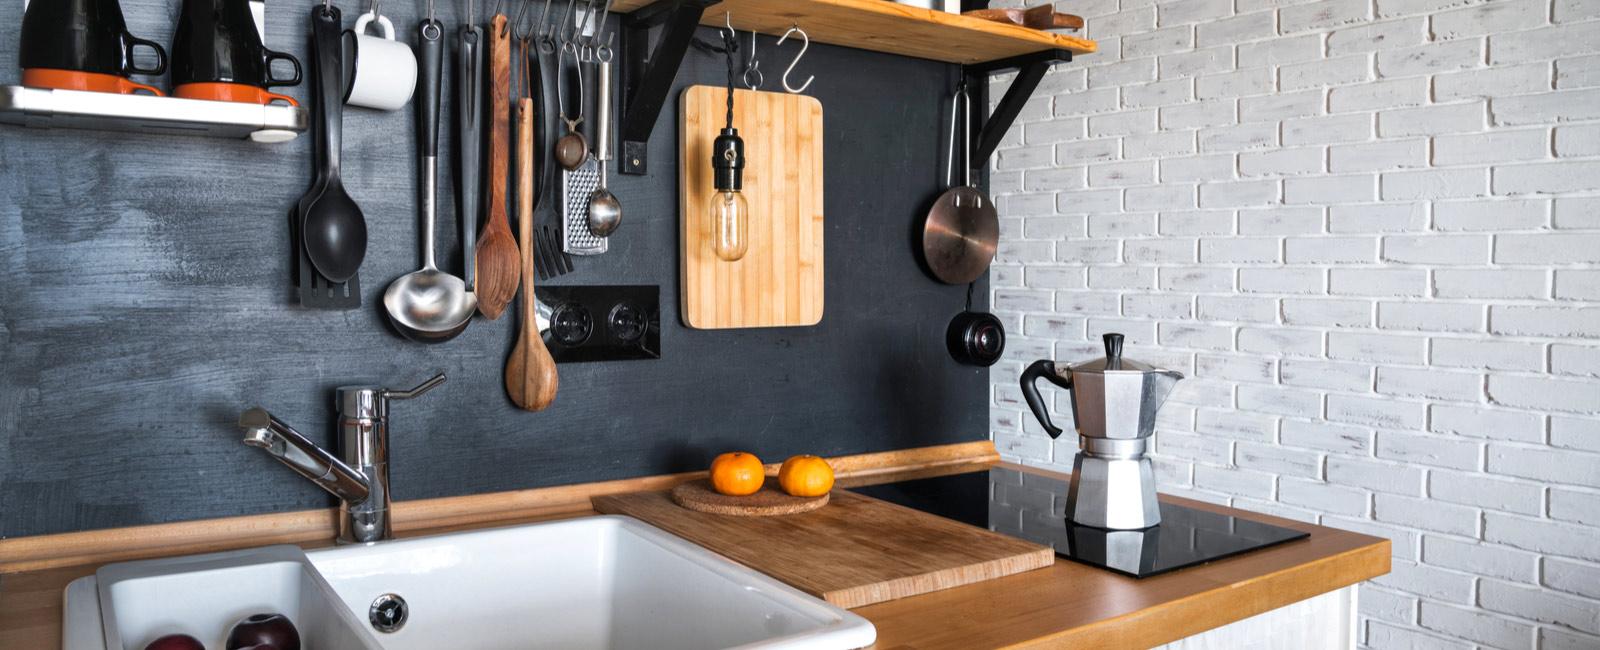 rénovation cuisine rustique